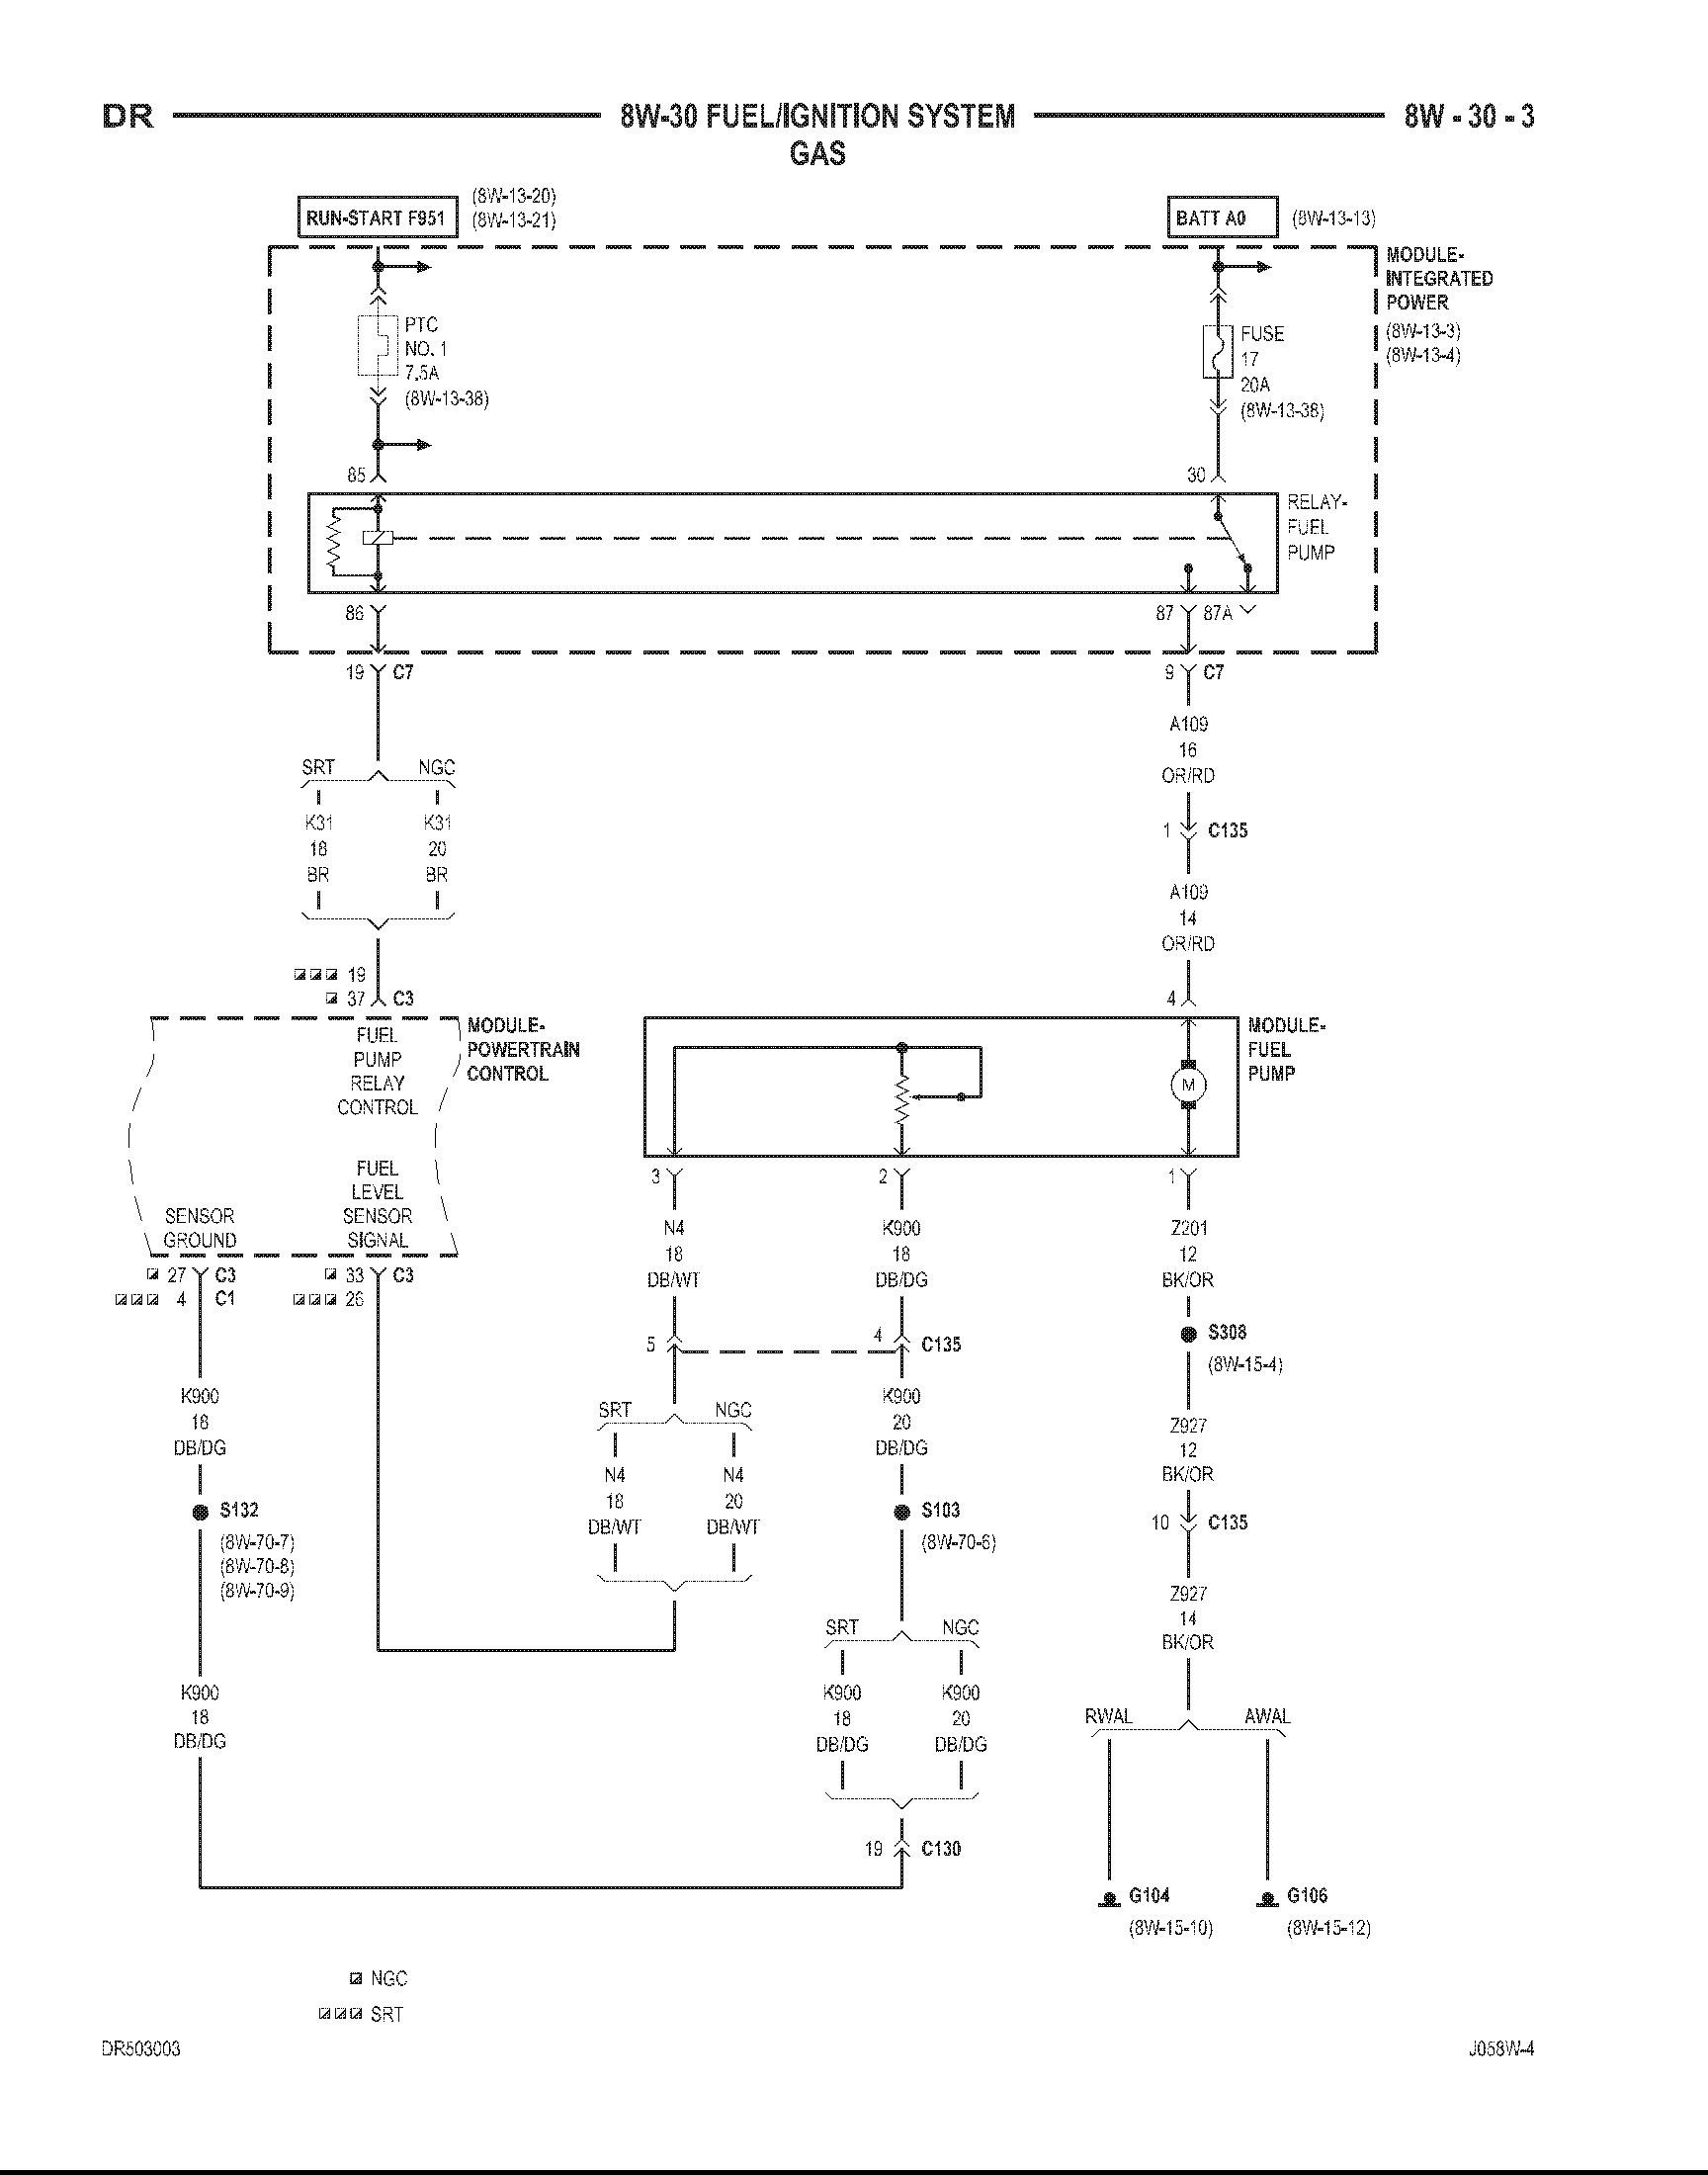 Dodge Ram 2007 Starting Wiring Diagrams Dodge Ram Fuel Pump Wiring Diagram Wiring Diagram Data Of Dodge Ram 2007 Starting Wiring Diagrams